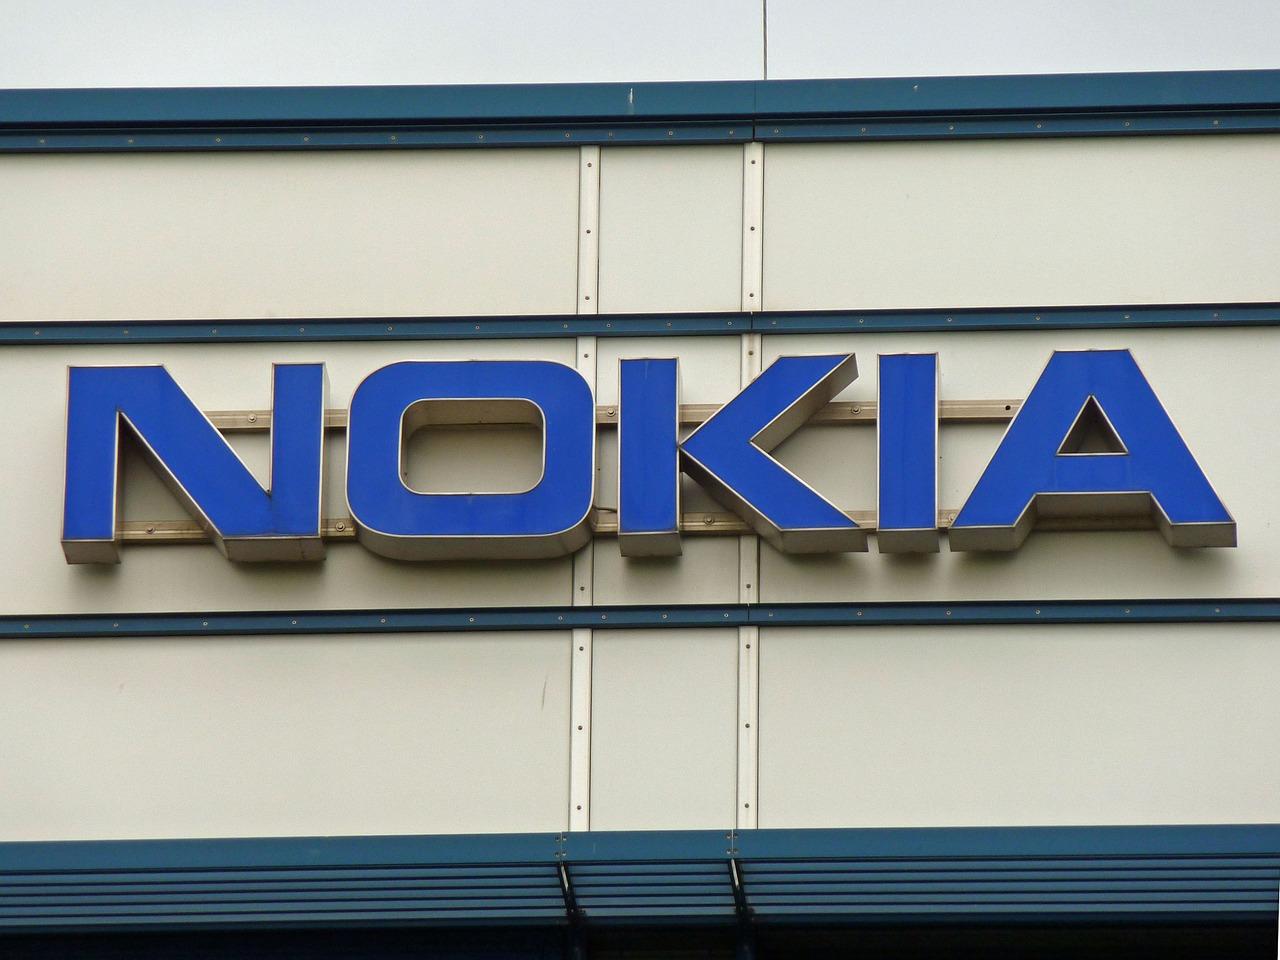 Nokia cierra 100 contratos para 5G